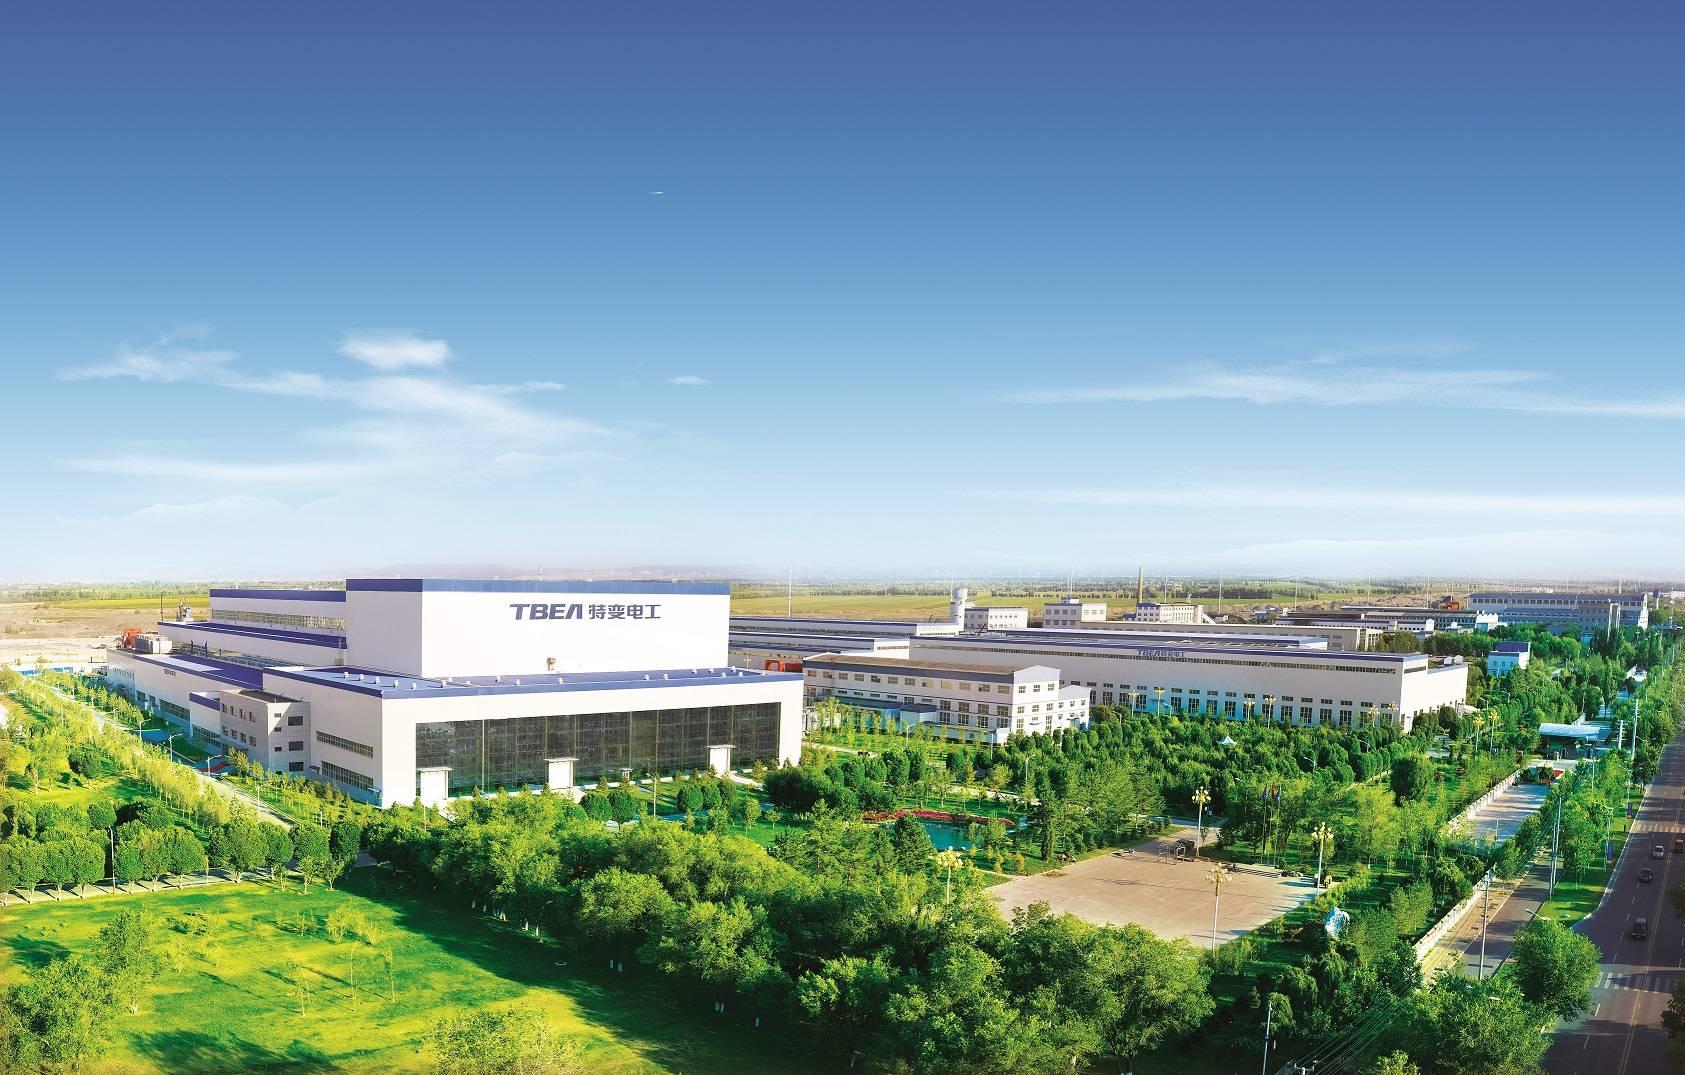 再中標!特變電工新能源斬獲河南省分散式風電246MW項目指標